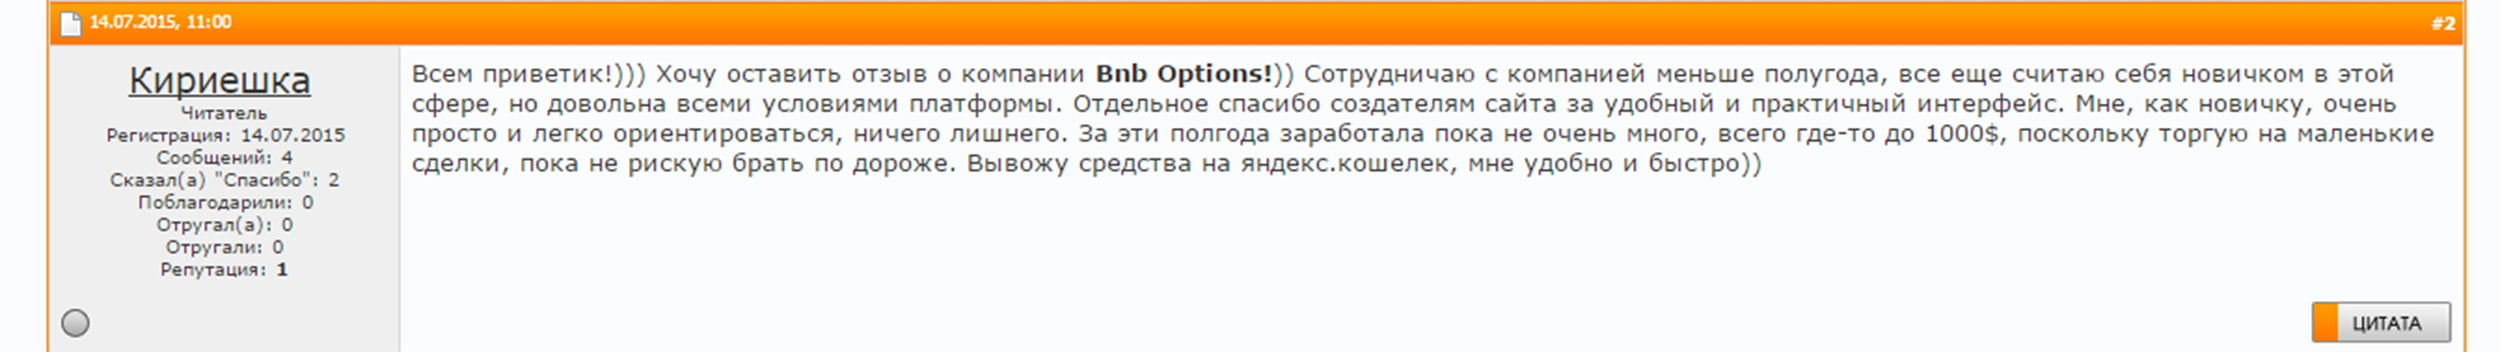 bnboptions.com отзывы